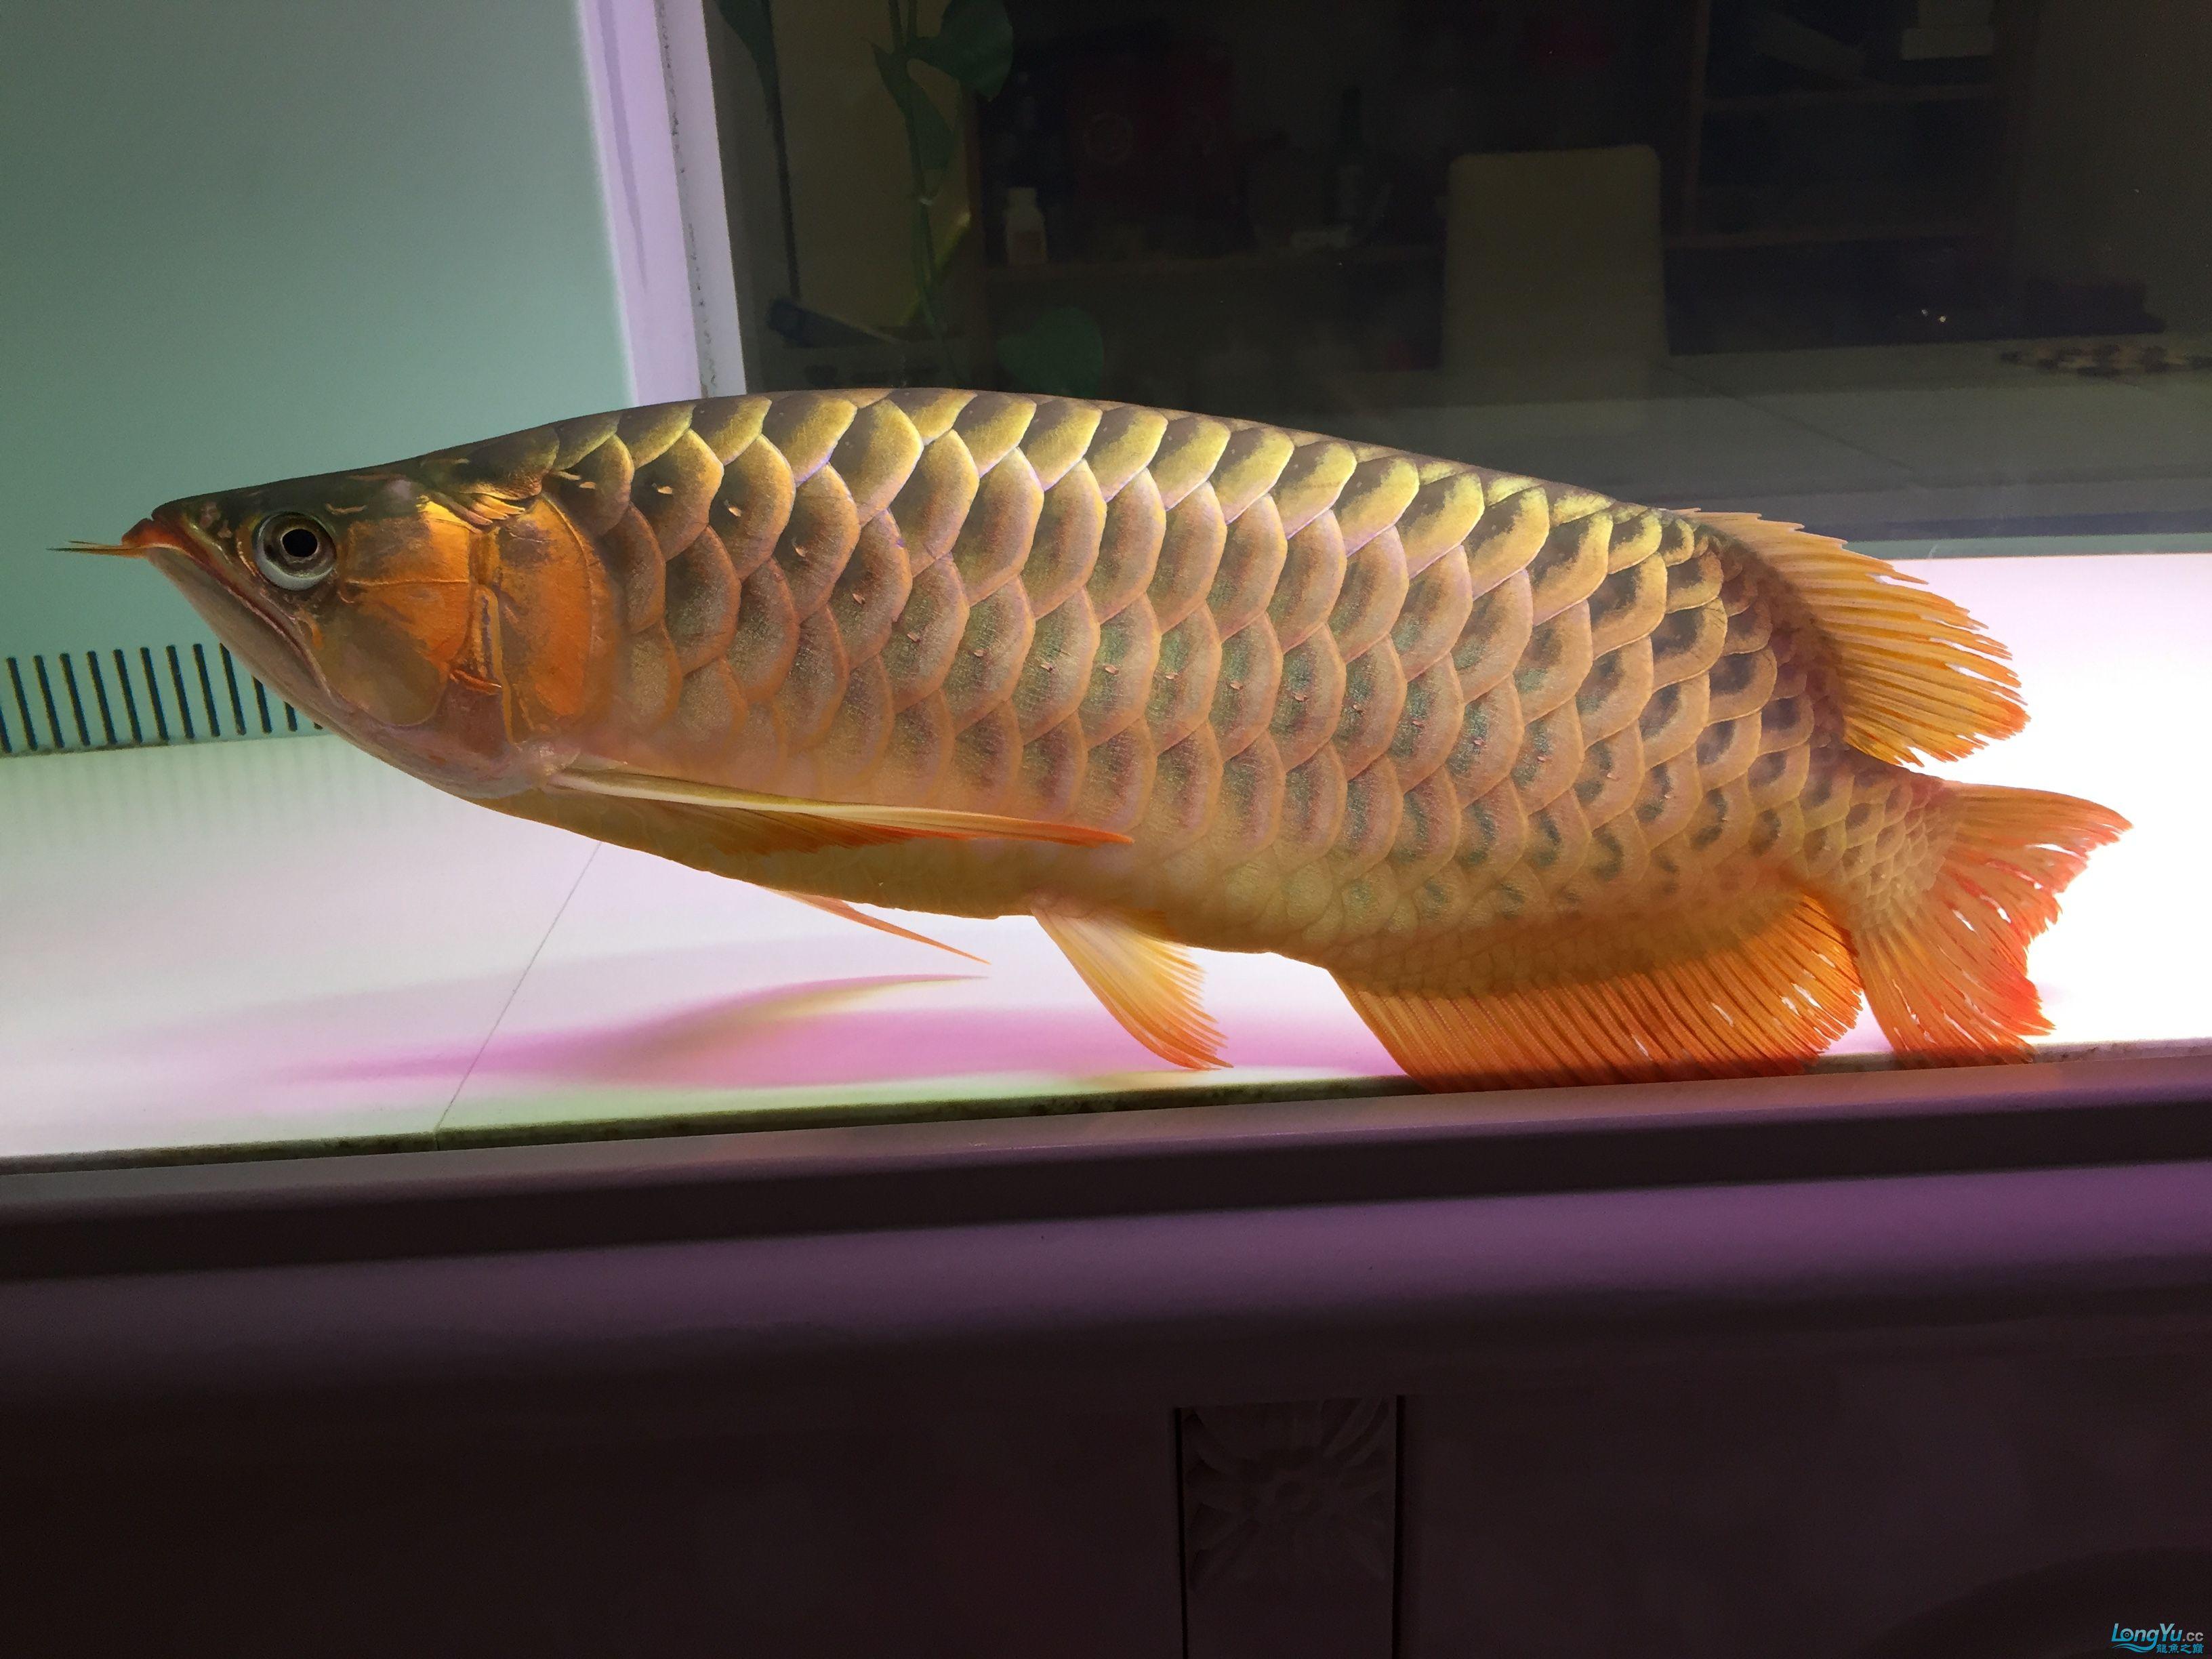 绵阳最大鱼缸昨天小金的辞世,小红还接受不了这残酷的现实! 绵阳龙鱼论坛